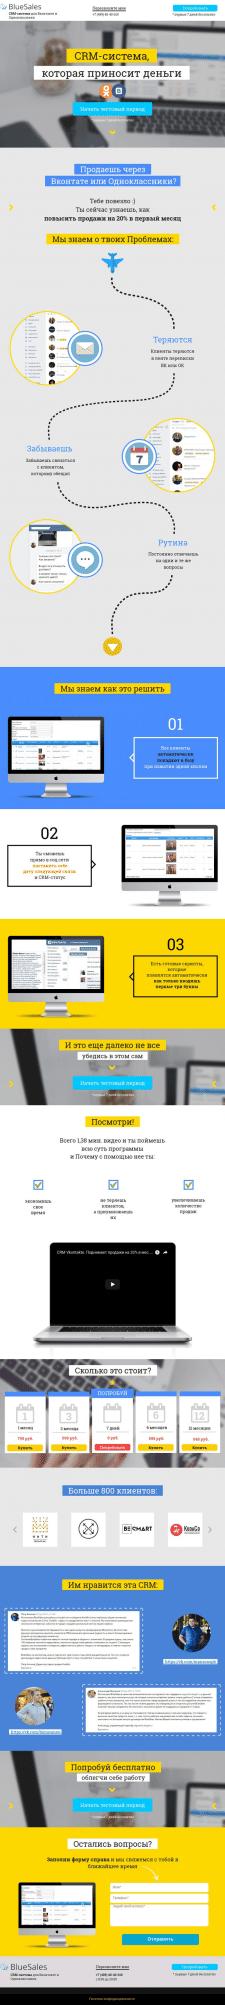 Дизайн Landing Page для CRM Вконтакте